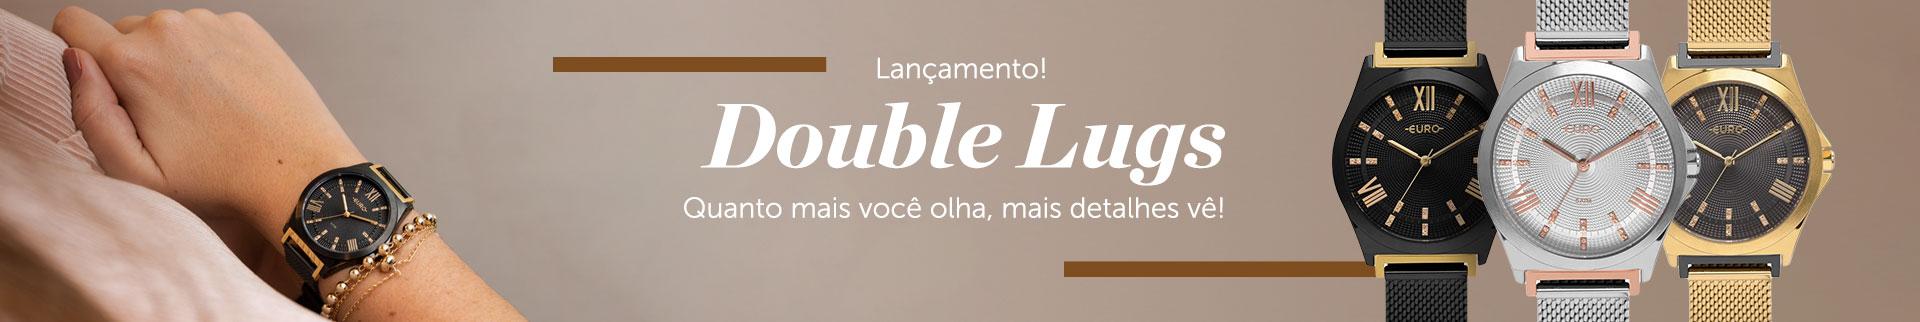 Double Lugs